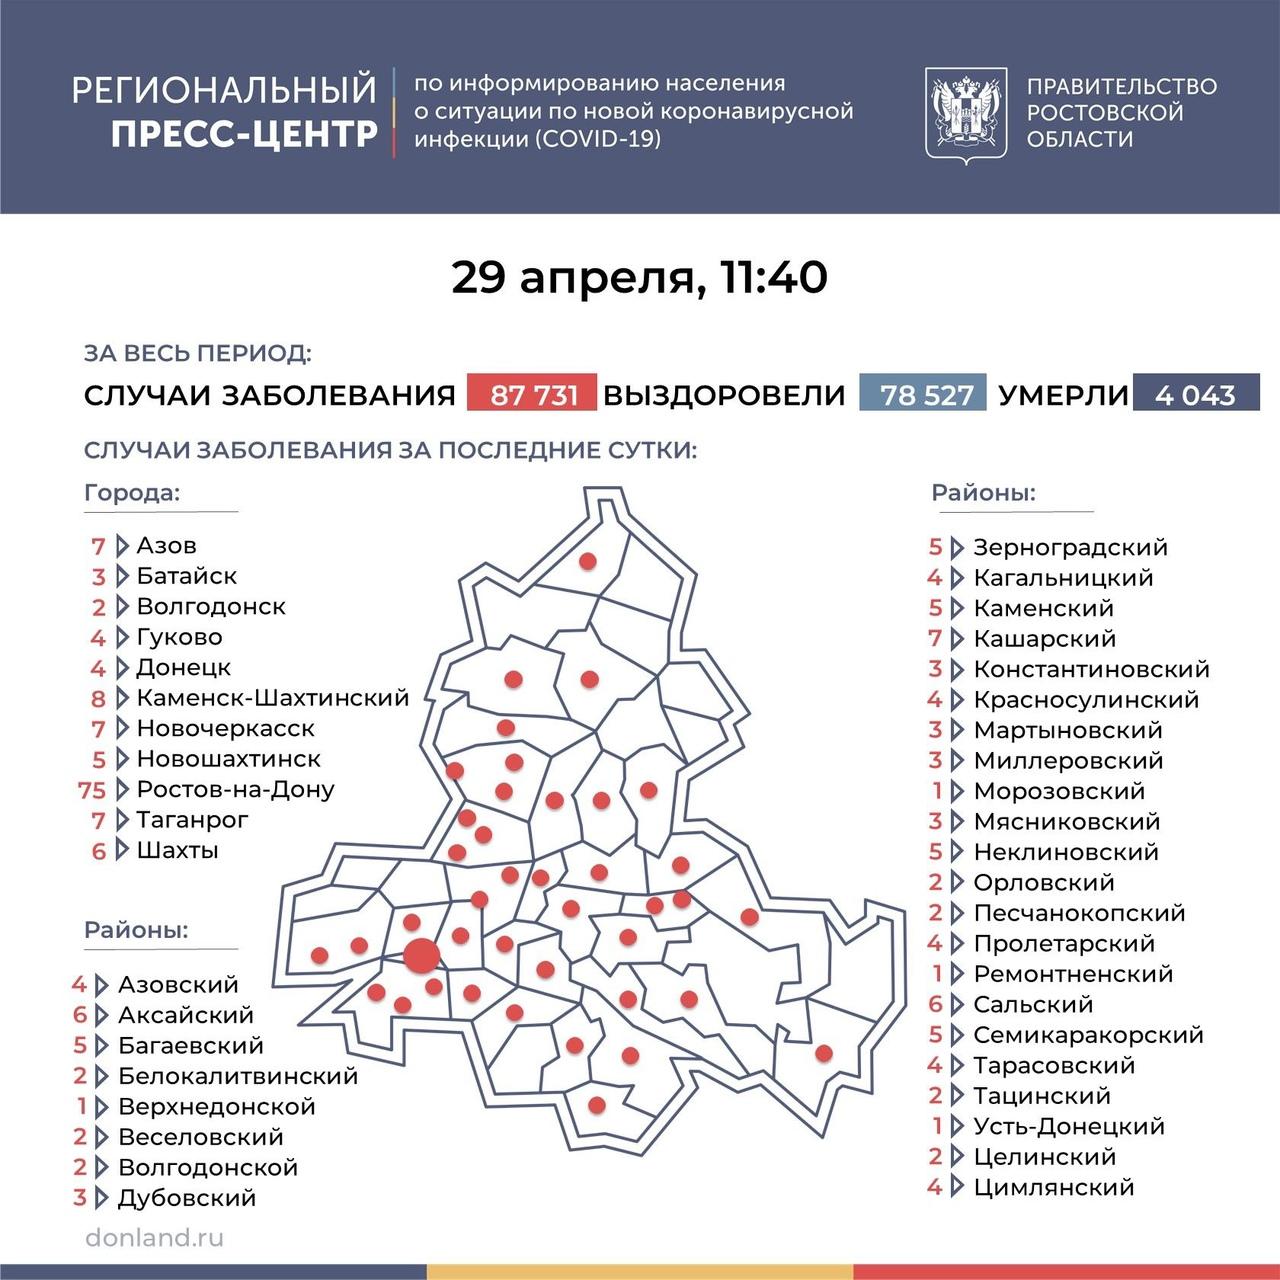 На Дону число инфицированных COVID-19 составляет 229, в Таганроге 7 новых случаев